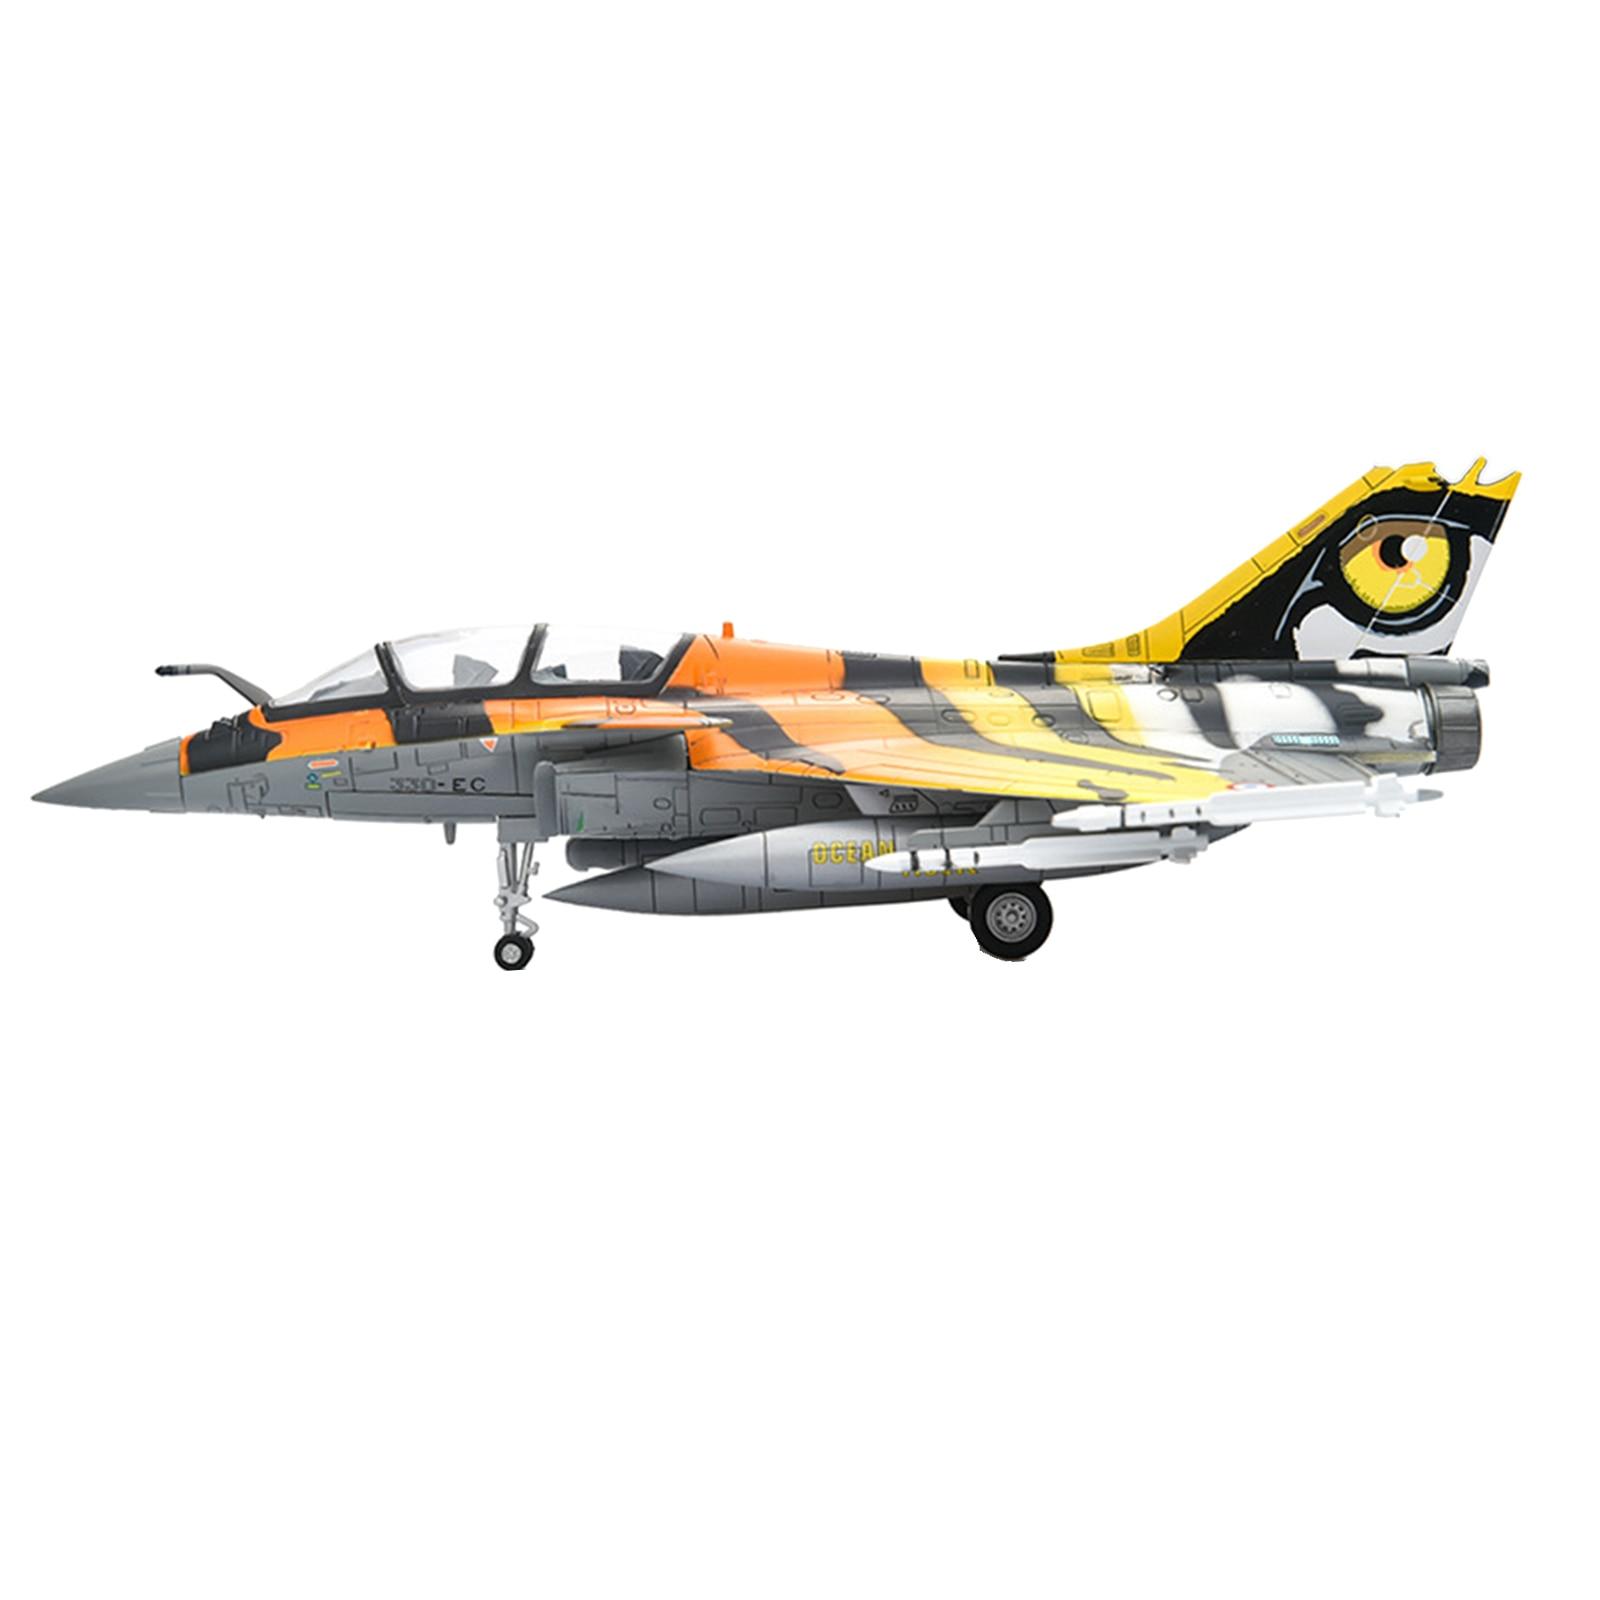 metal 1 72, francesinha, avião de modelo